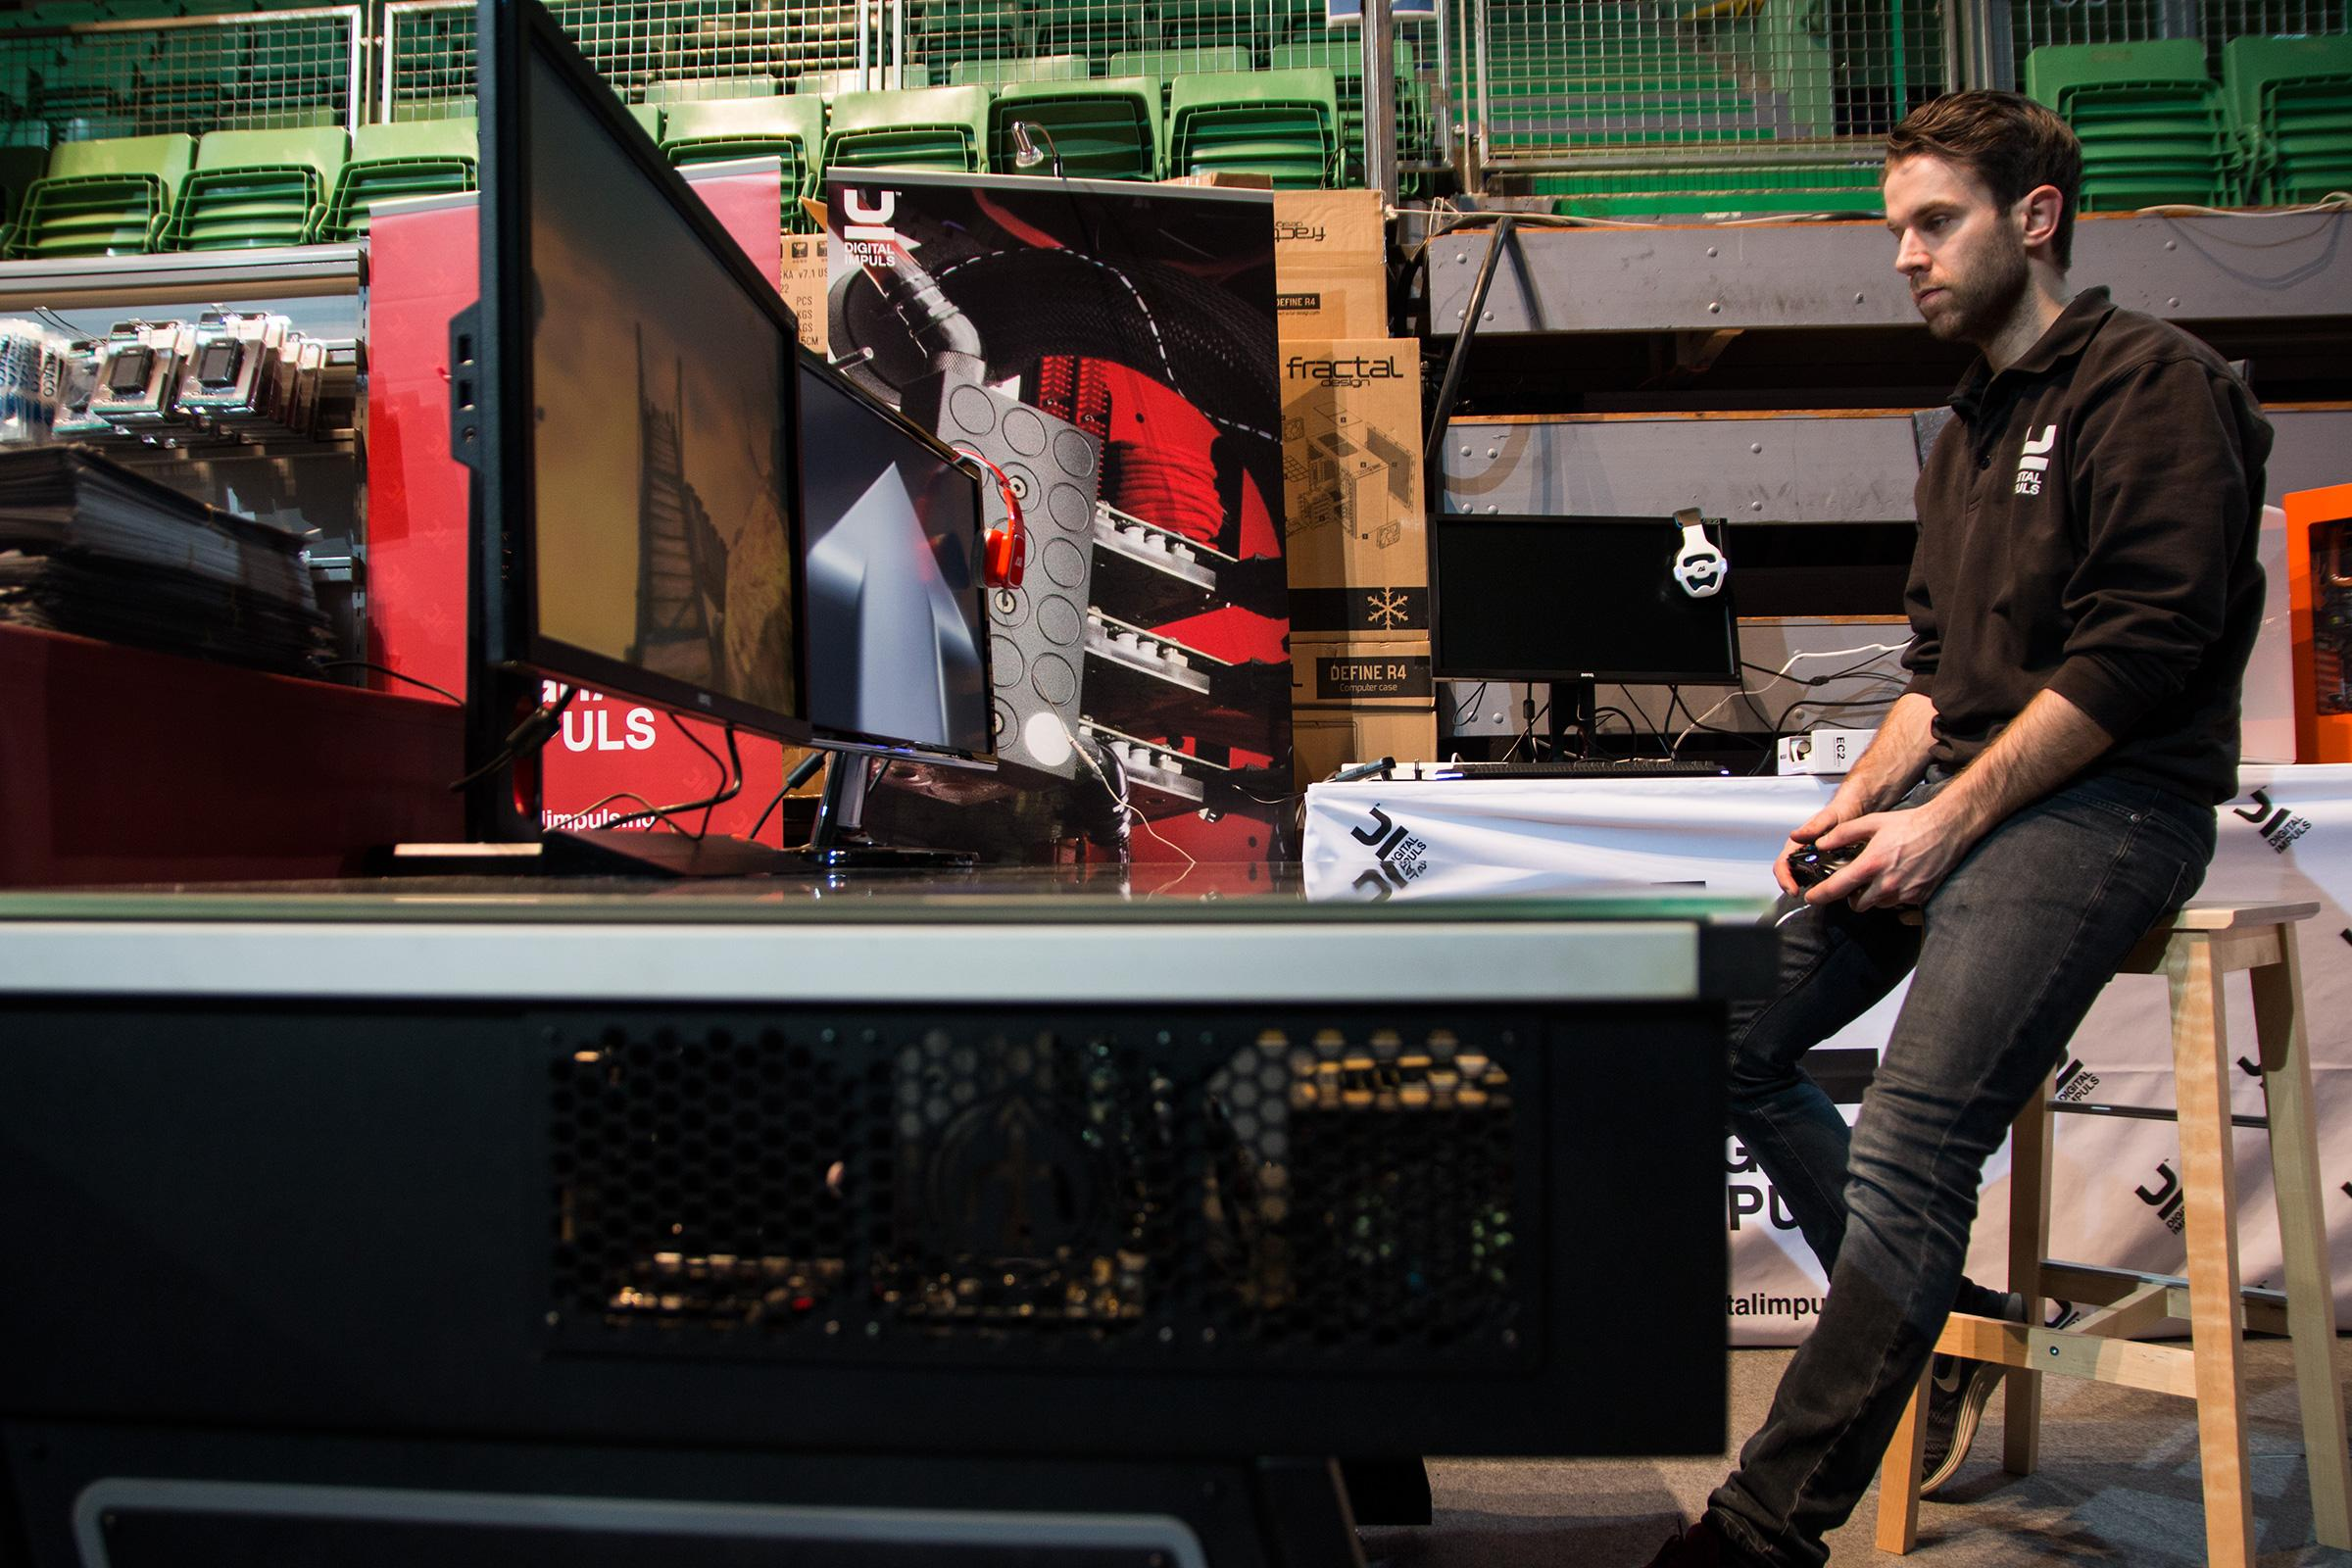 Haakon Jensen i Digital Impuls har bygd deres supermaskin, som han mener gir deg alt du trenger – en Xbox til spilling, og en spillmaskin som er kraftig nok til å jobbe med.Foto: Varg Aamo, Hardware.no